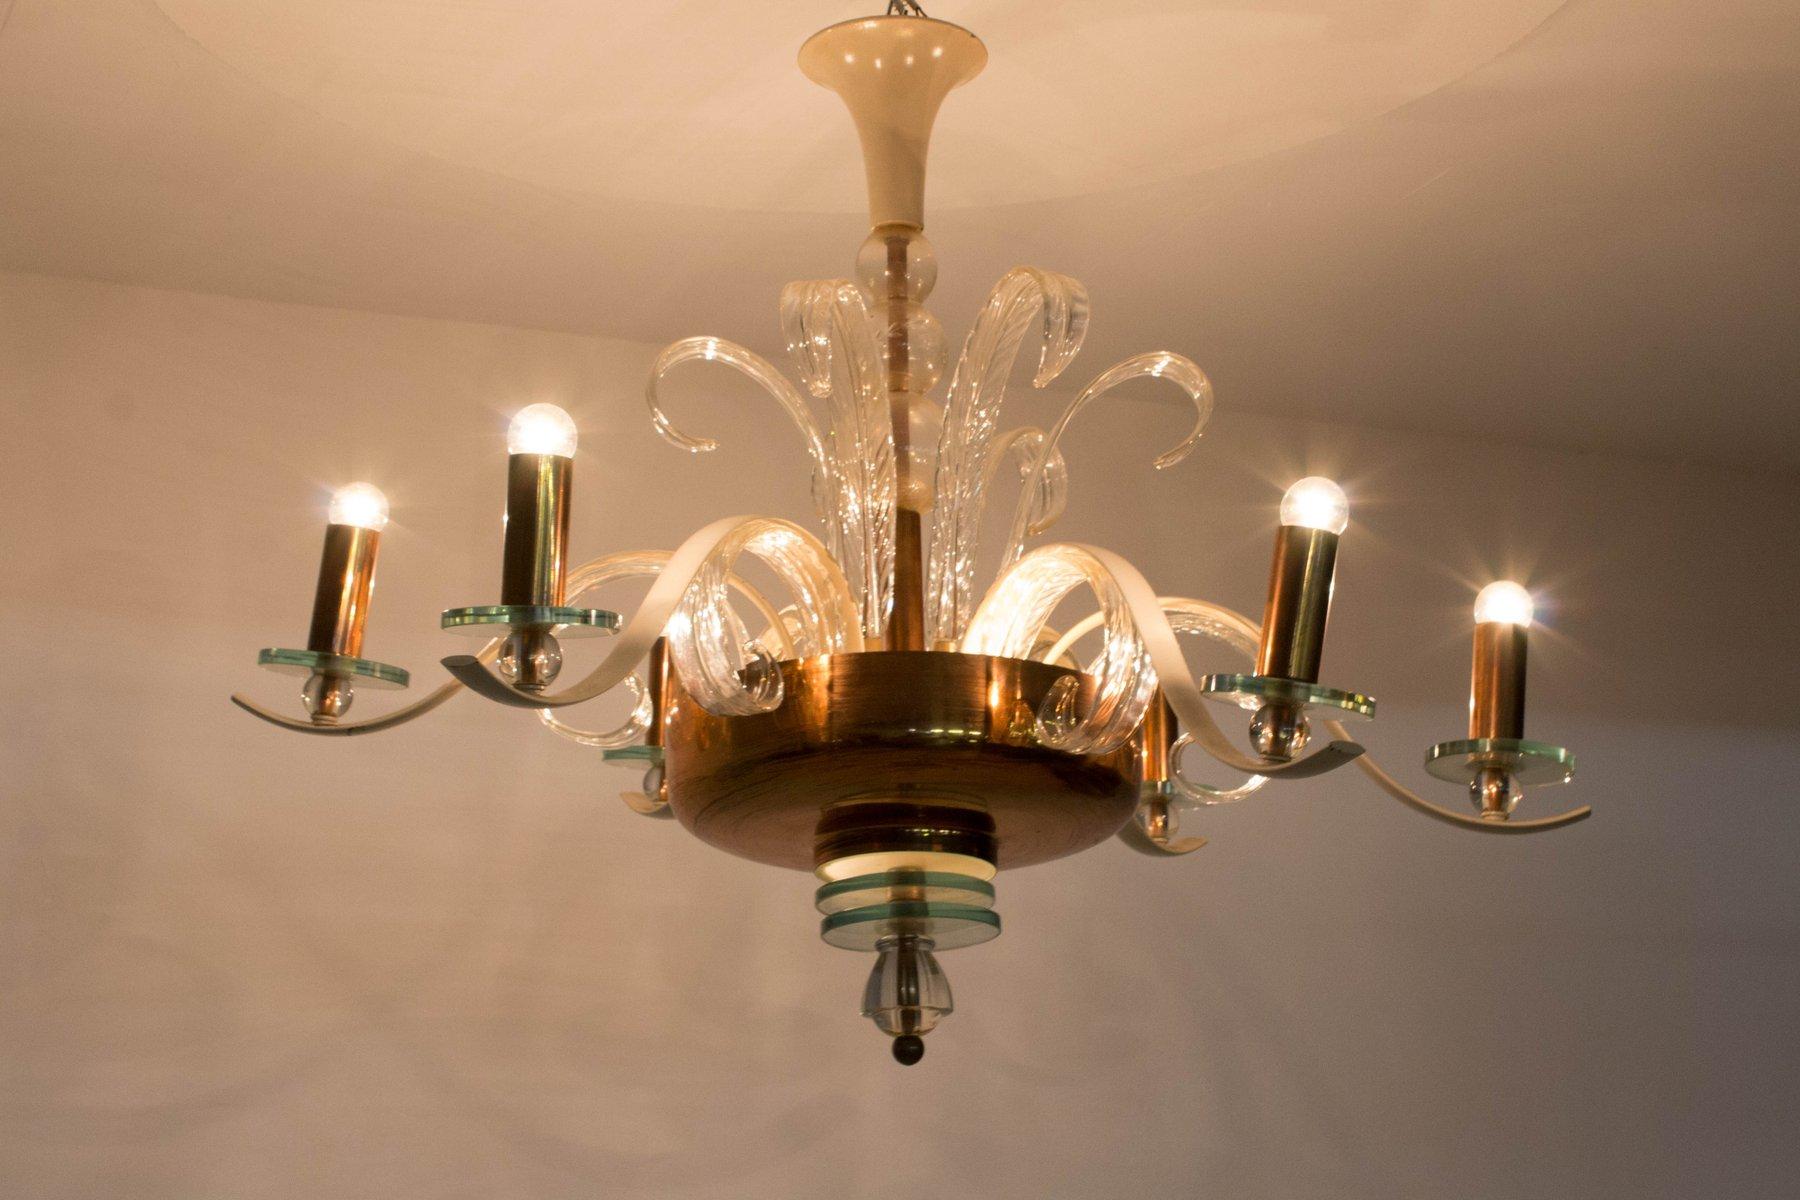 Italian murano glass chandelier 1940s for sale at pamono - Murano glass lighting ...